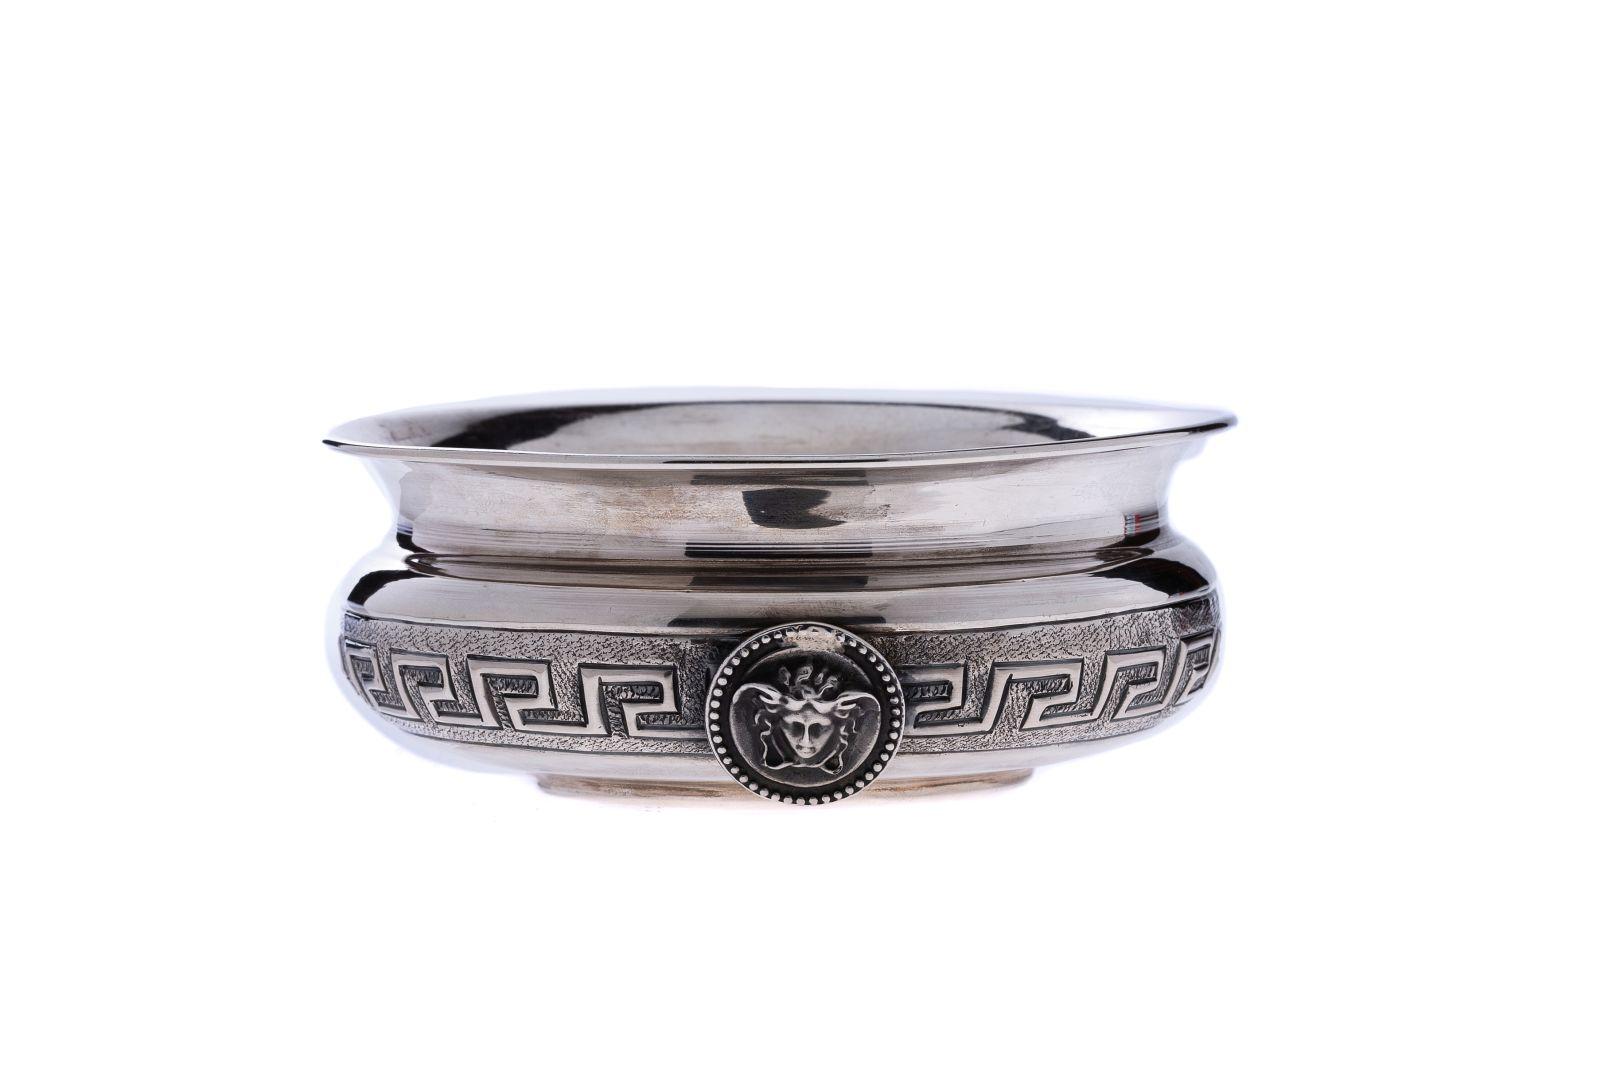 #104 Oriental silver bowl | Orientalische Silberschale Image